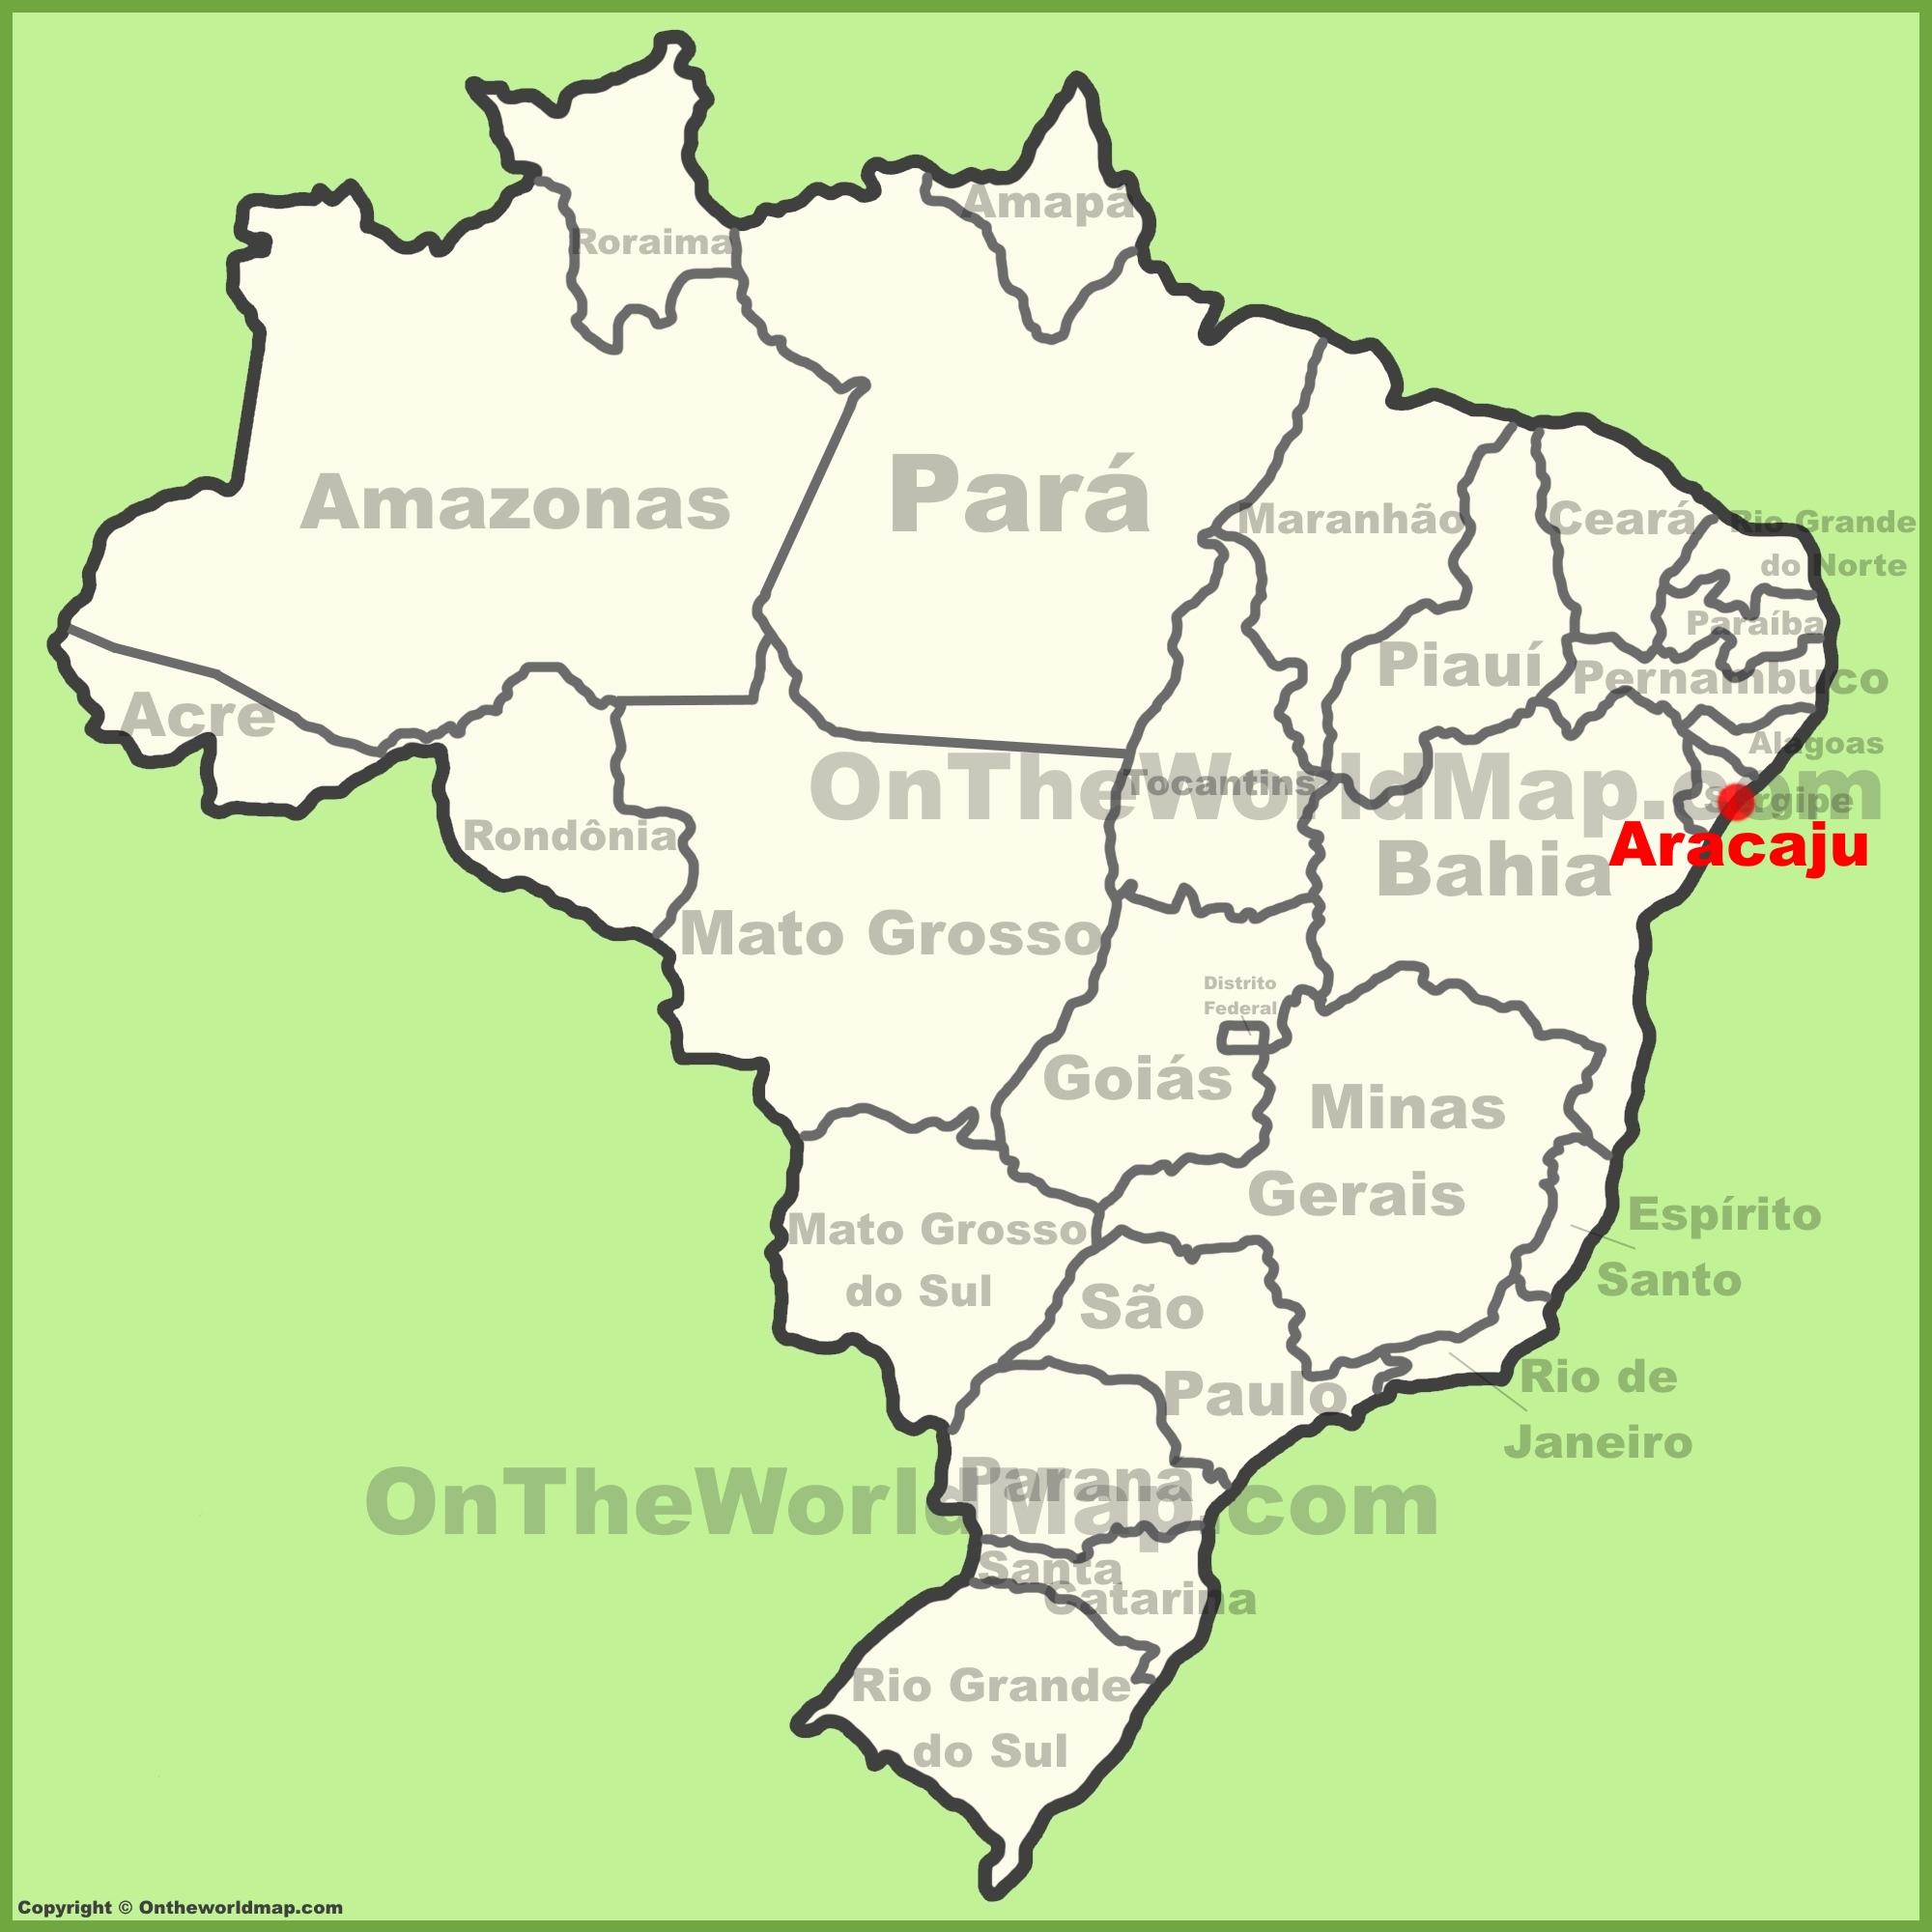 Aracaju location on the Brazil map